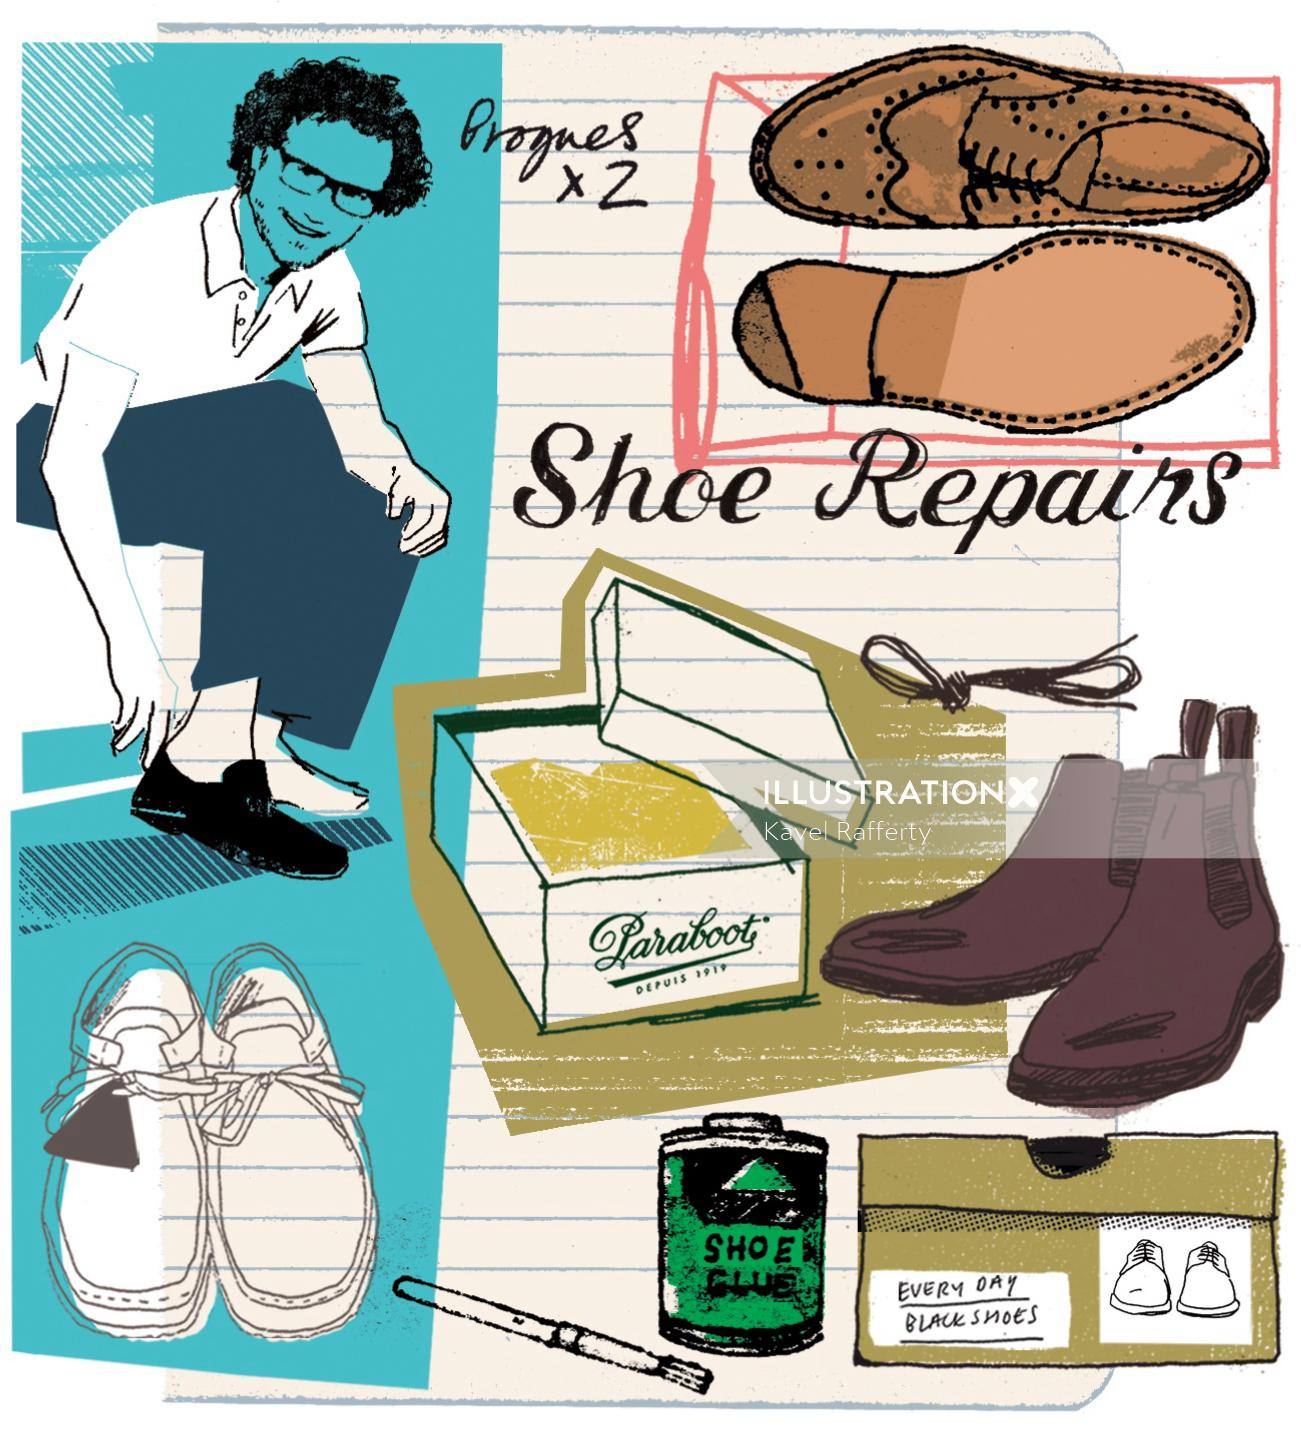 Men's shoe shopping illustration